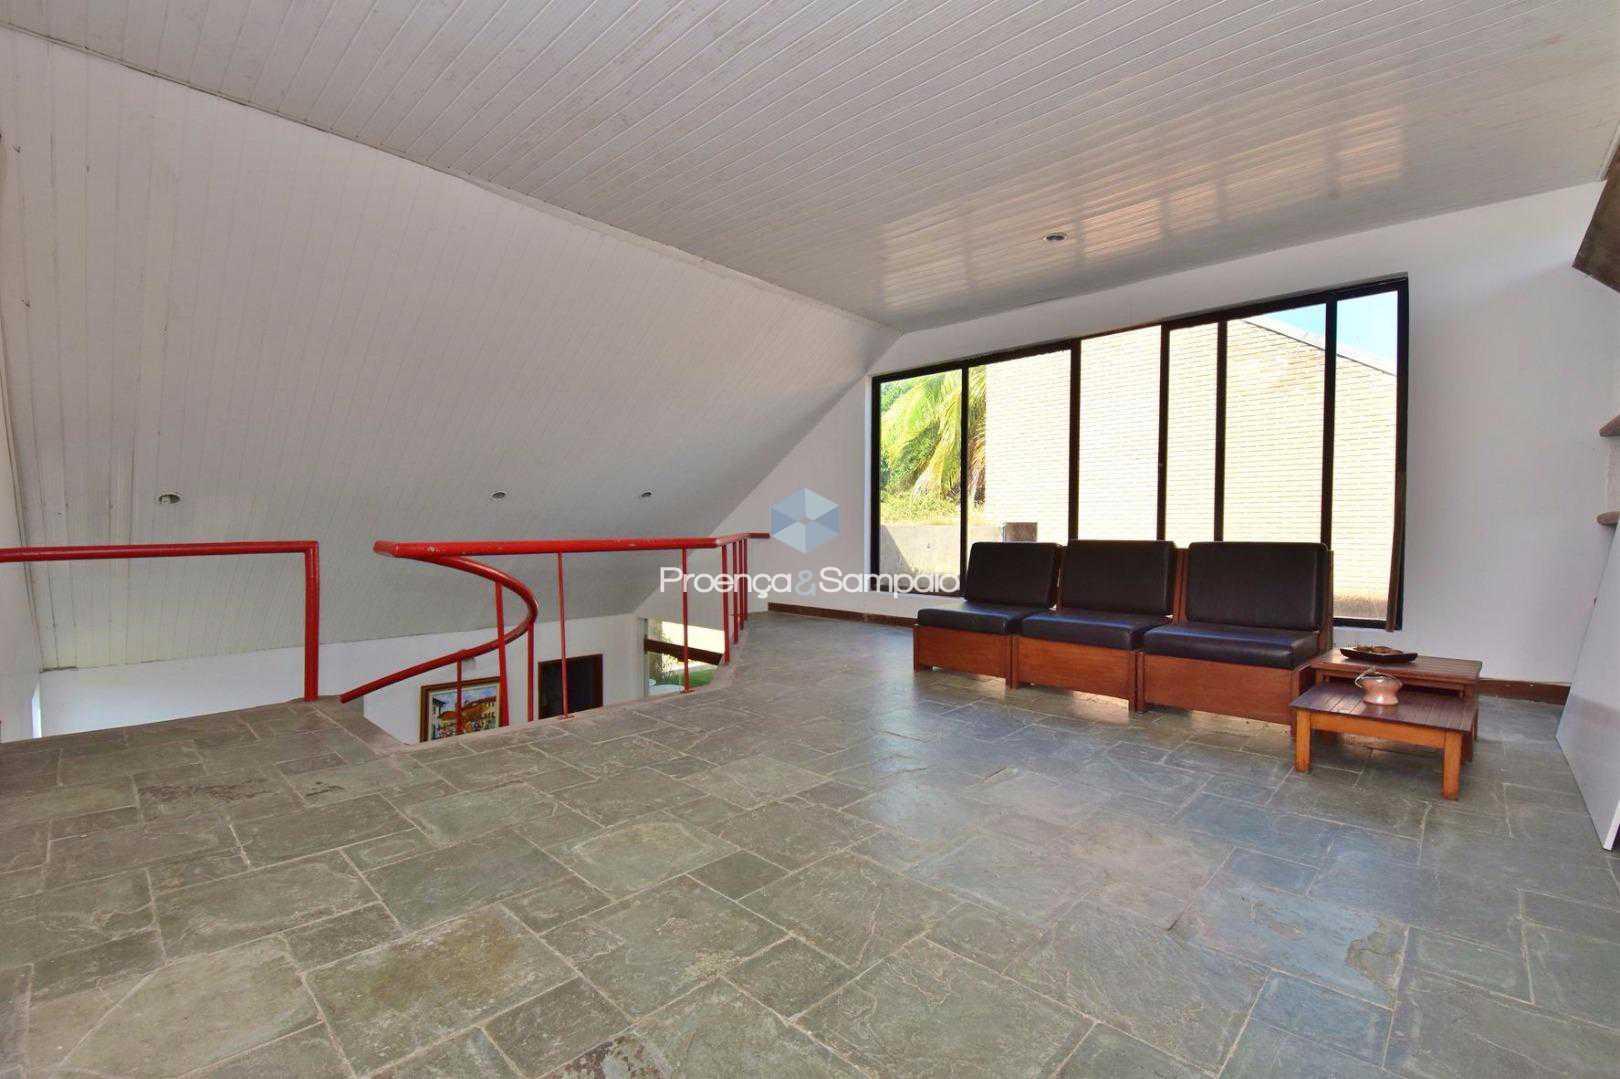 FOTO25 - Casa em Condomínio 4 quartos à venda Lauro de Freitas,BA - R$ 1.700.000 - PSCN40016 - 27